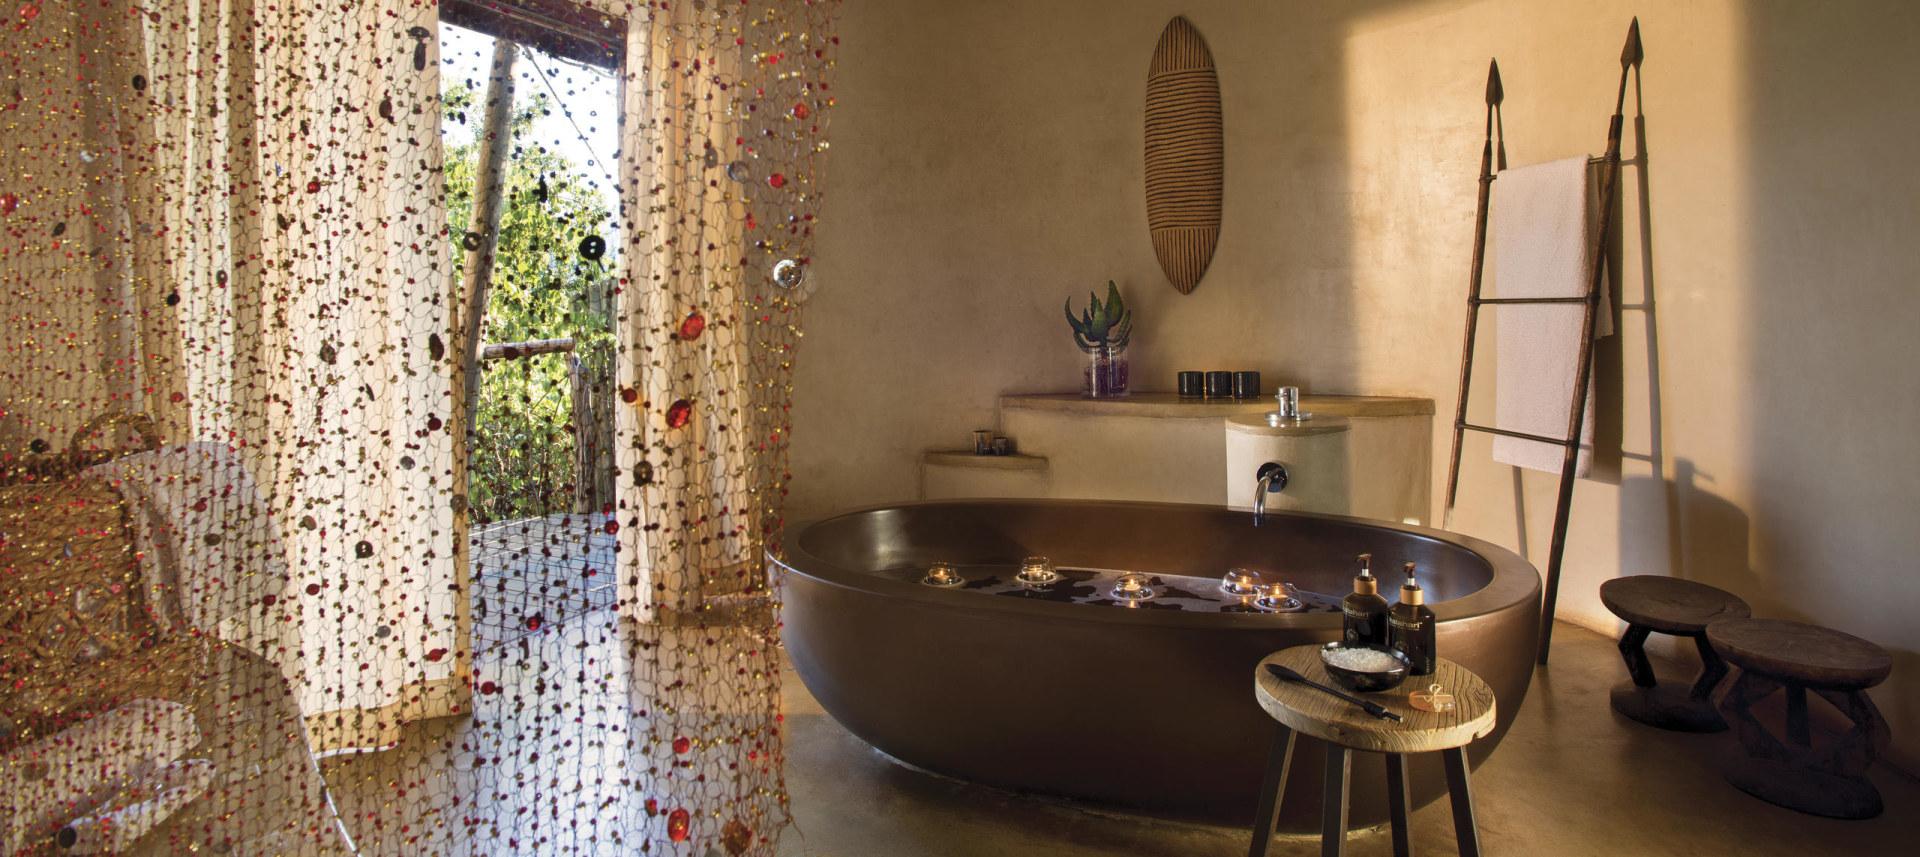 Badezimmer eines Luxury Tents in der Marataba Safari Lodge